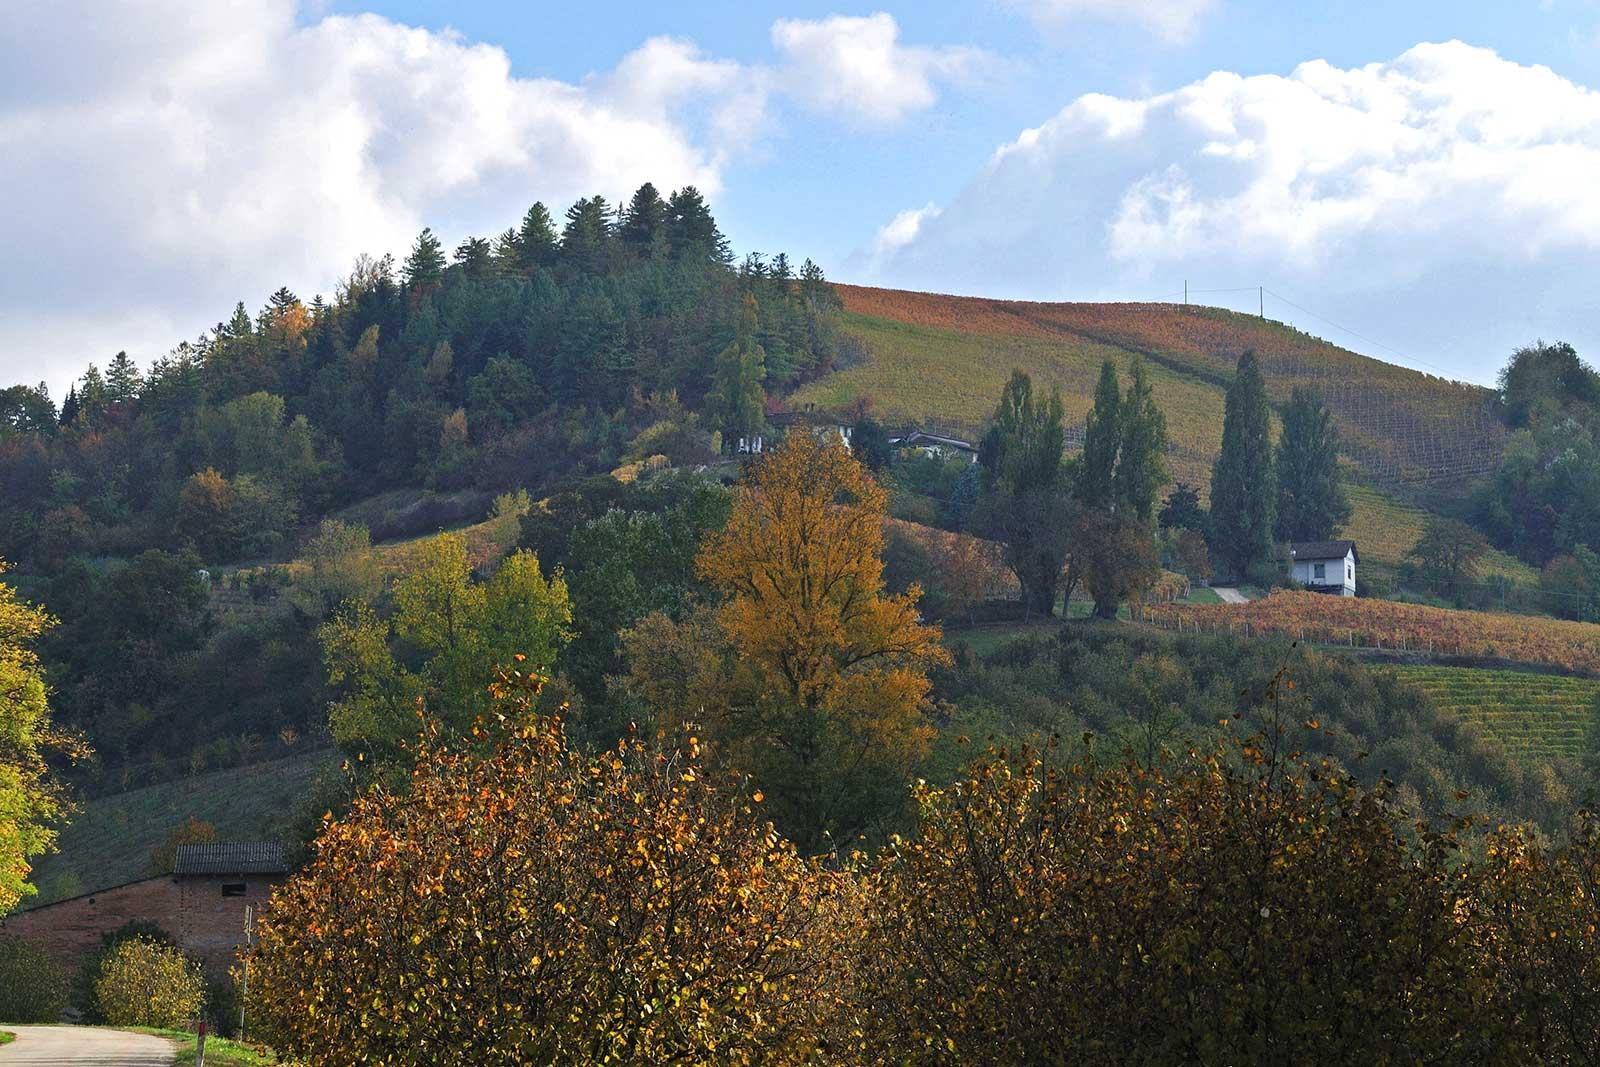 The Bricco del Drago vineyard above San Rocco Seno d'Elvio. ©Poderi Colla